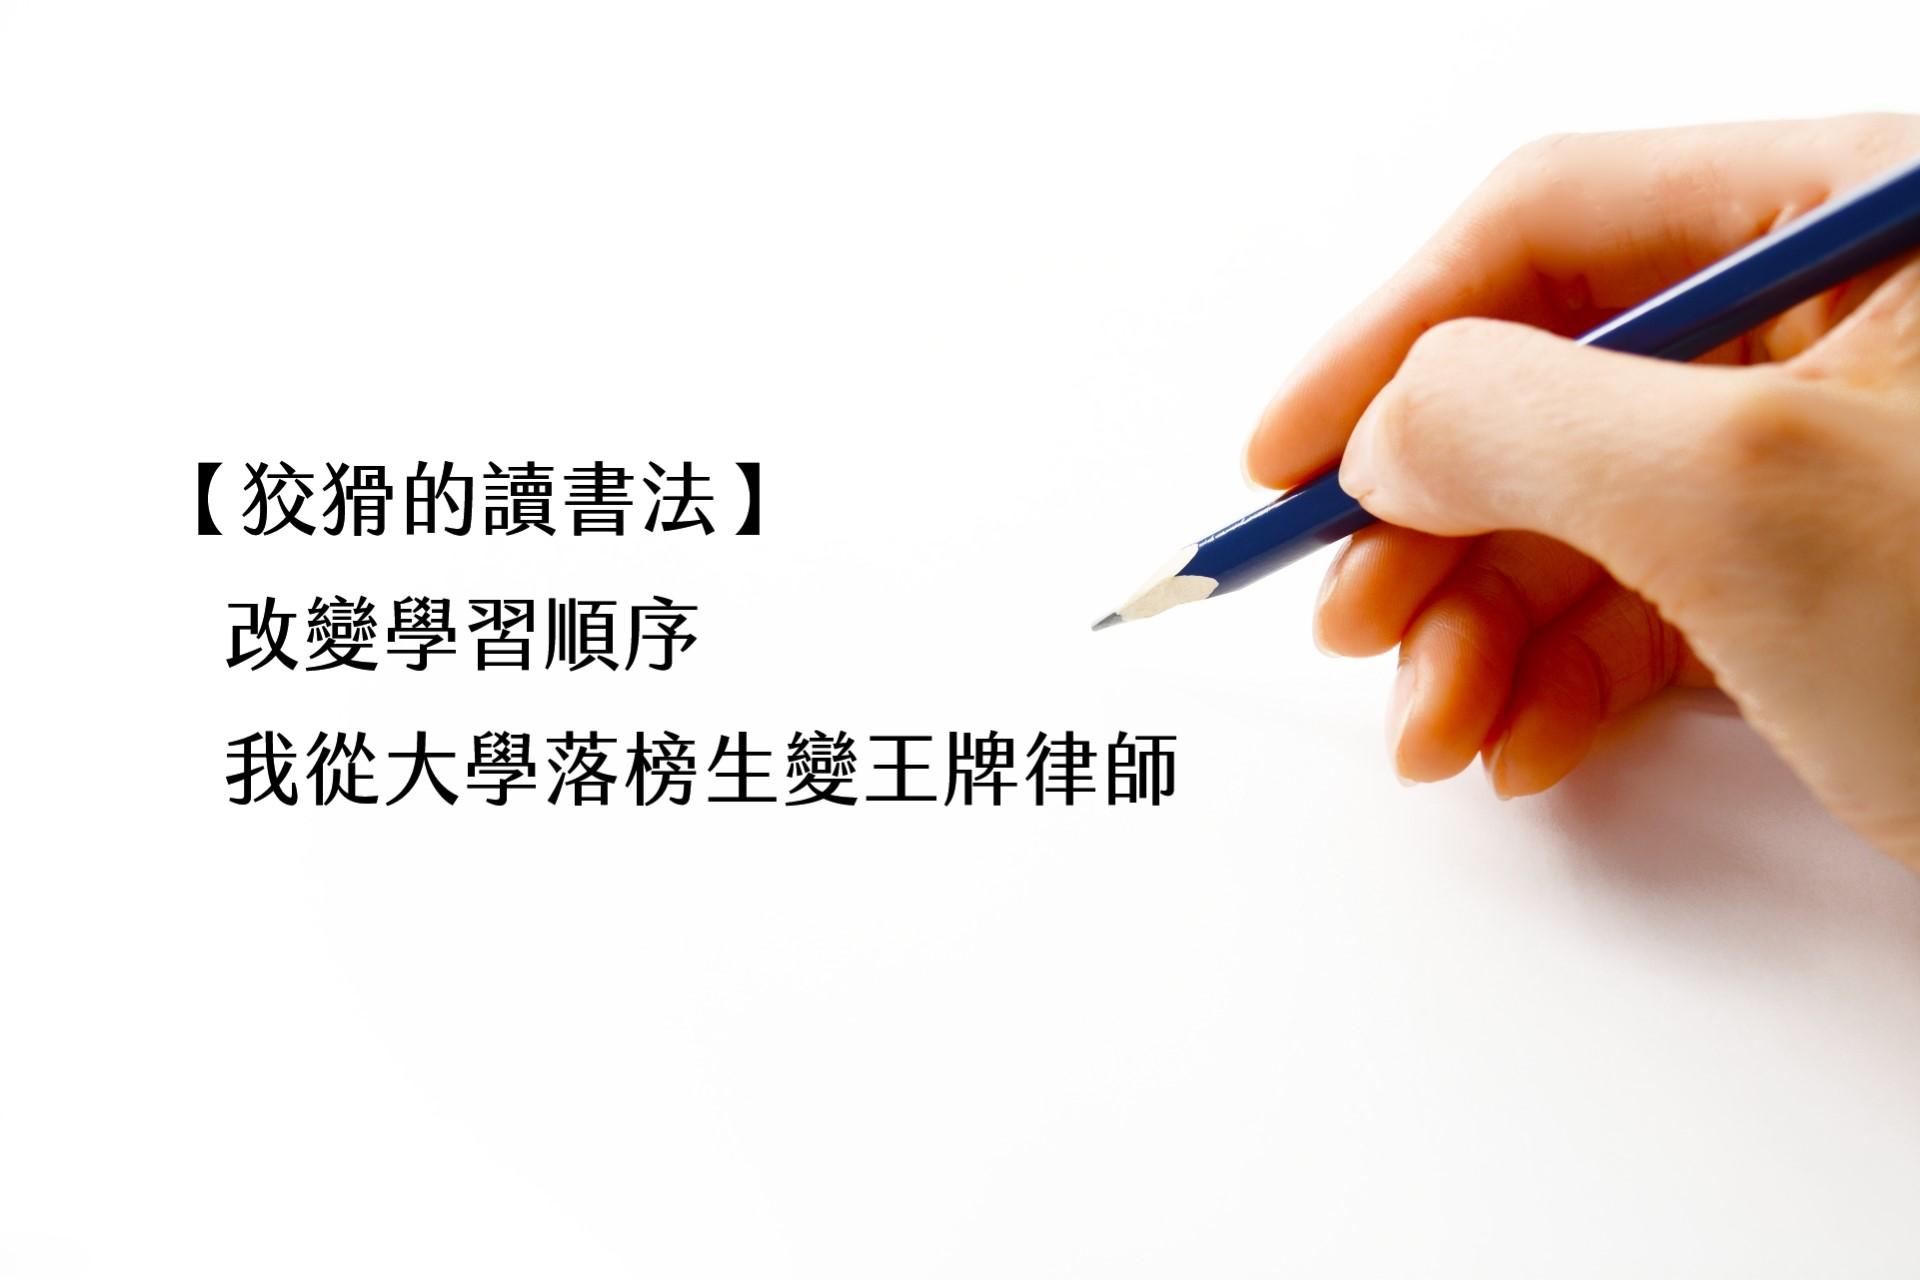 【嘉鴻筆記】狡猾的讀書法:改變學習順序,我從大學落榜生變王牌律師 3